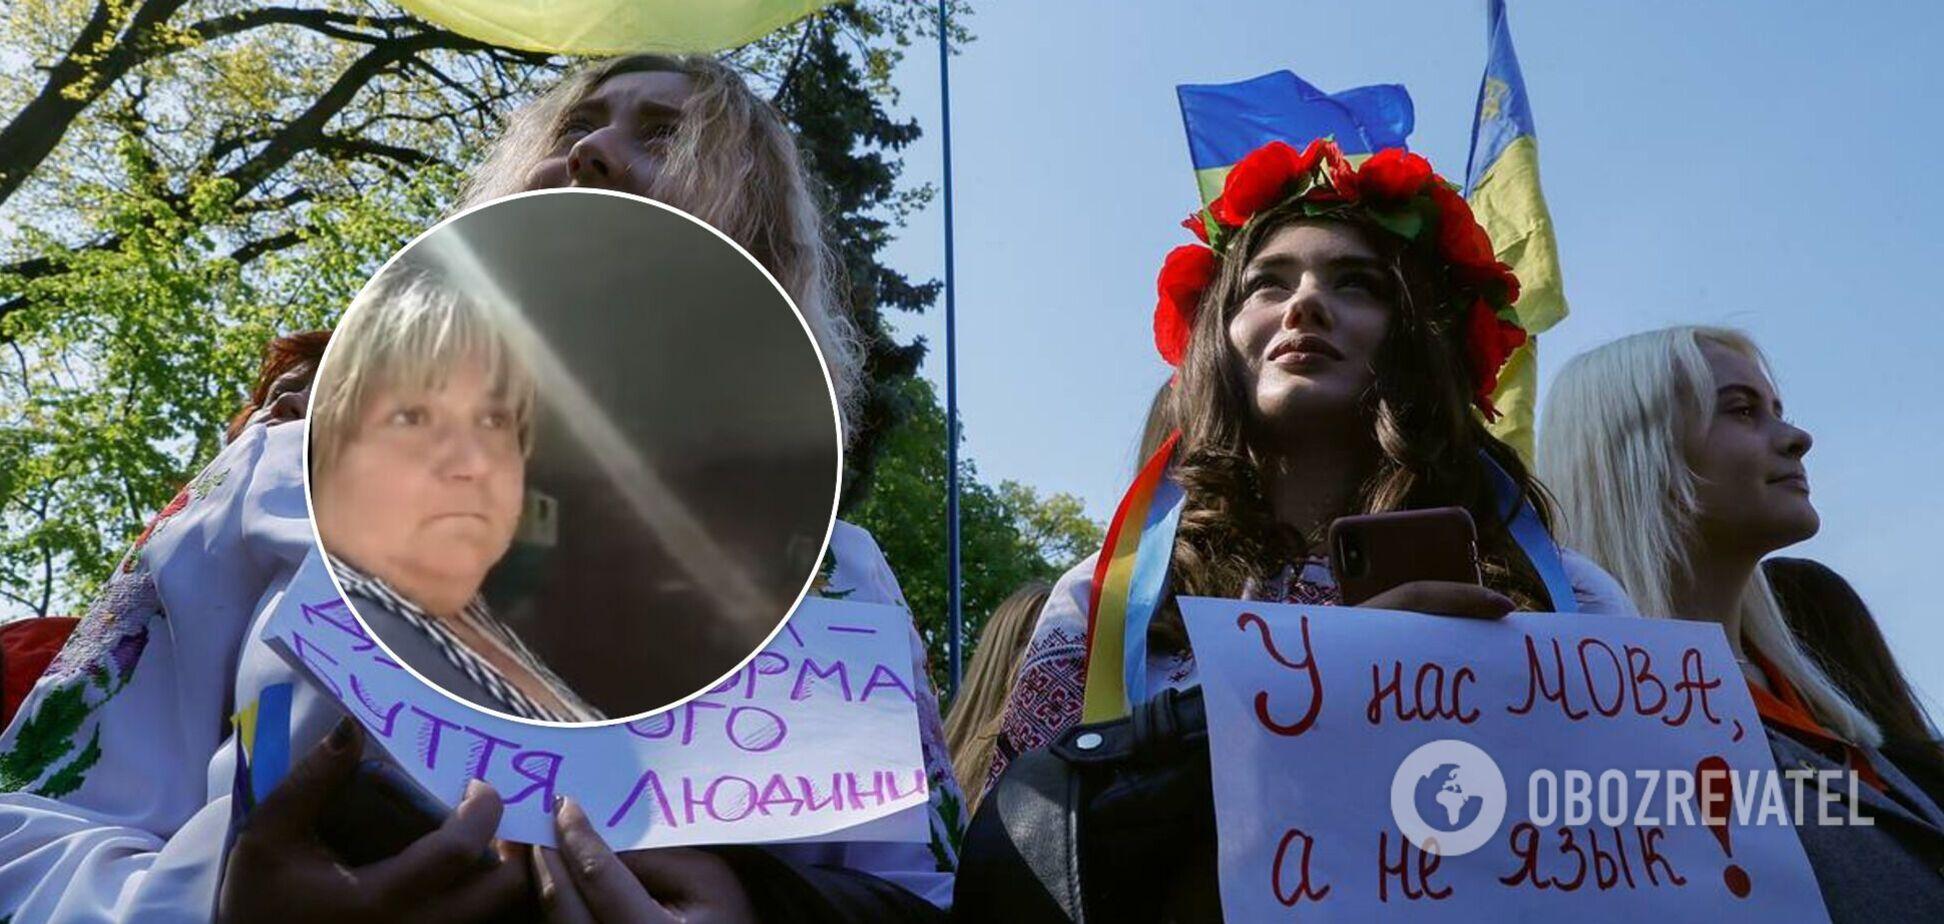 После языкового скандала в Харькове продавщицу киоска уволили: новые детали